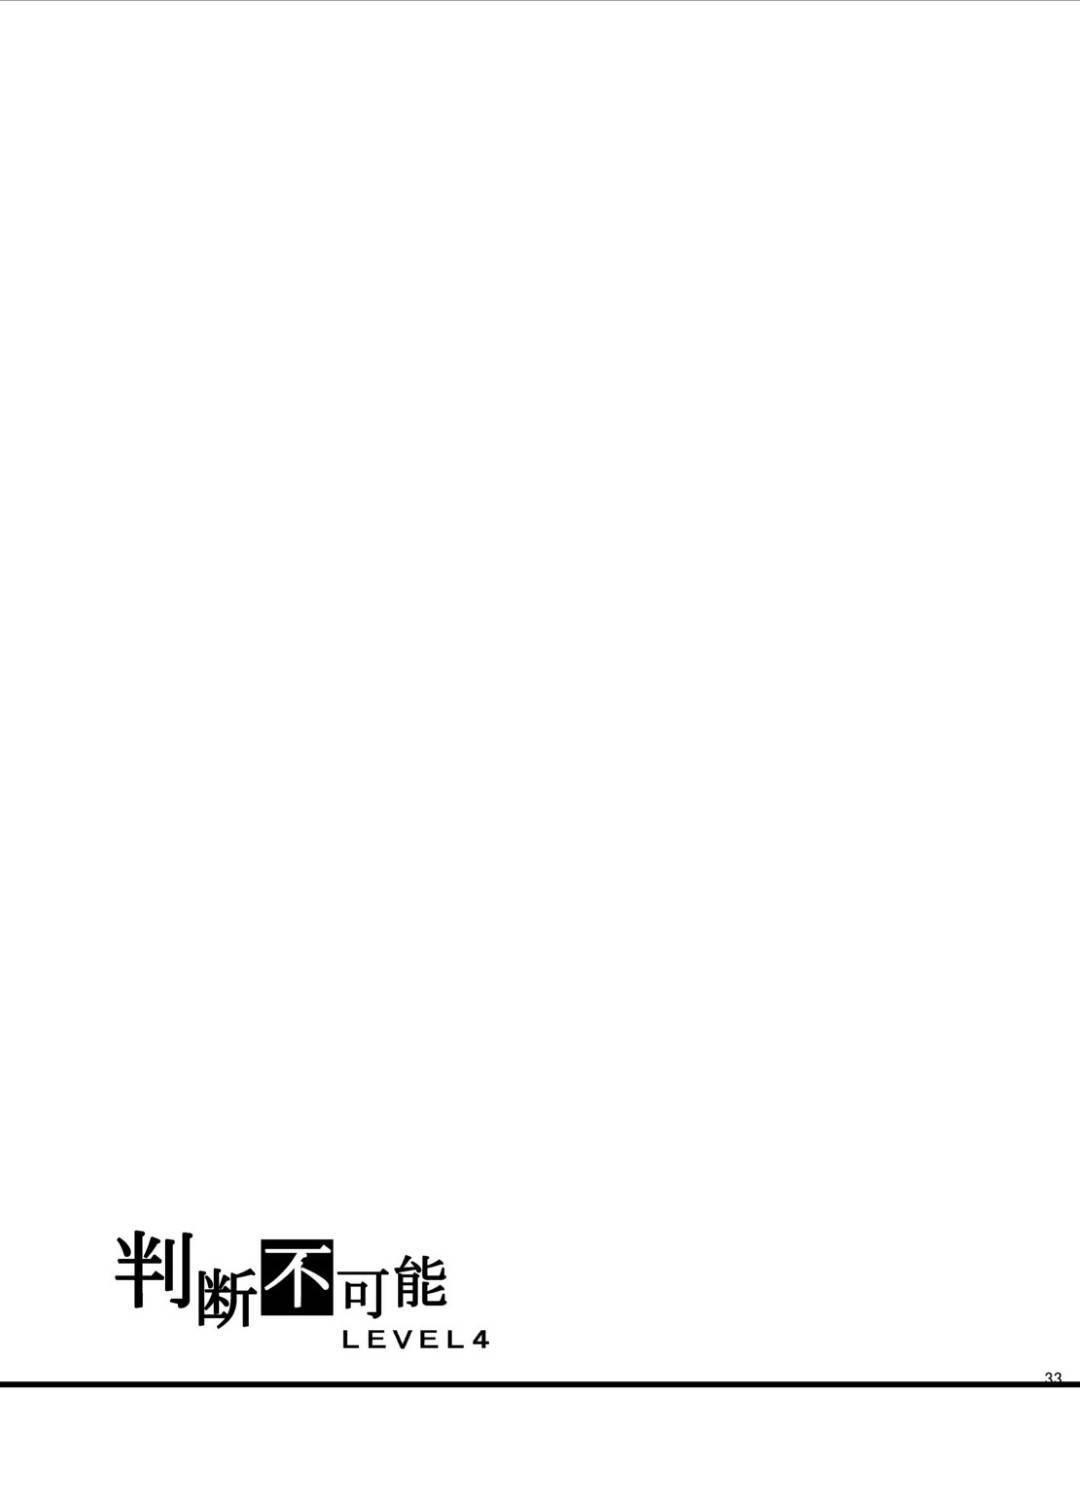 【エロ同人誌】能力者狩りの男達を拘束しようとする白井黒子は能力封じノイズにより能力が使えず監禁され輪姦!【Dr.VERMILION (ペテン師):ダークサイドニルヴァーナ/とある科学の超電磁砲】